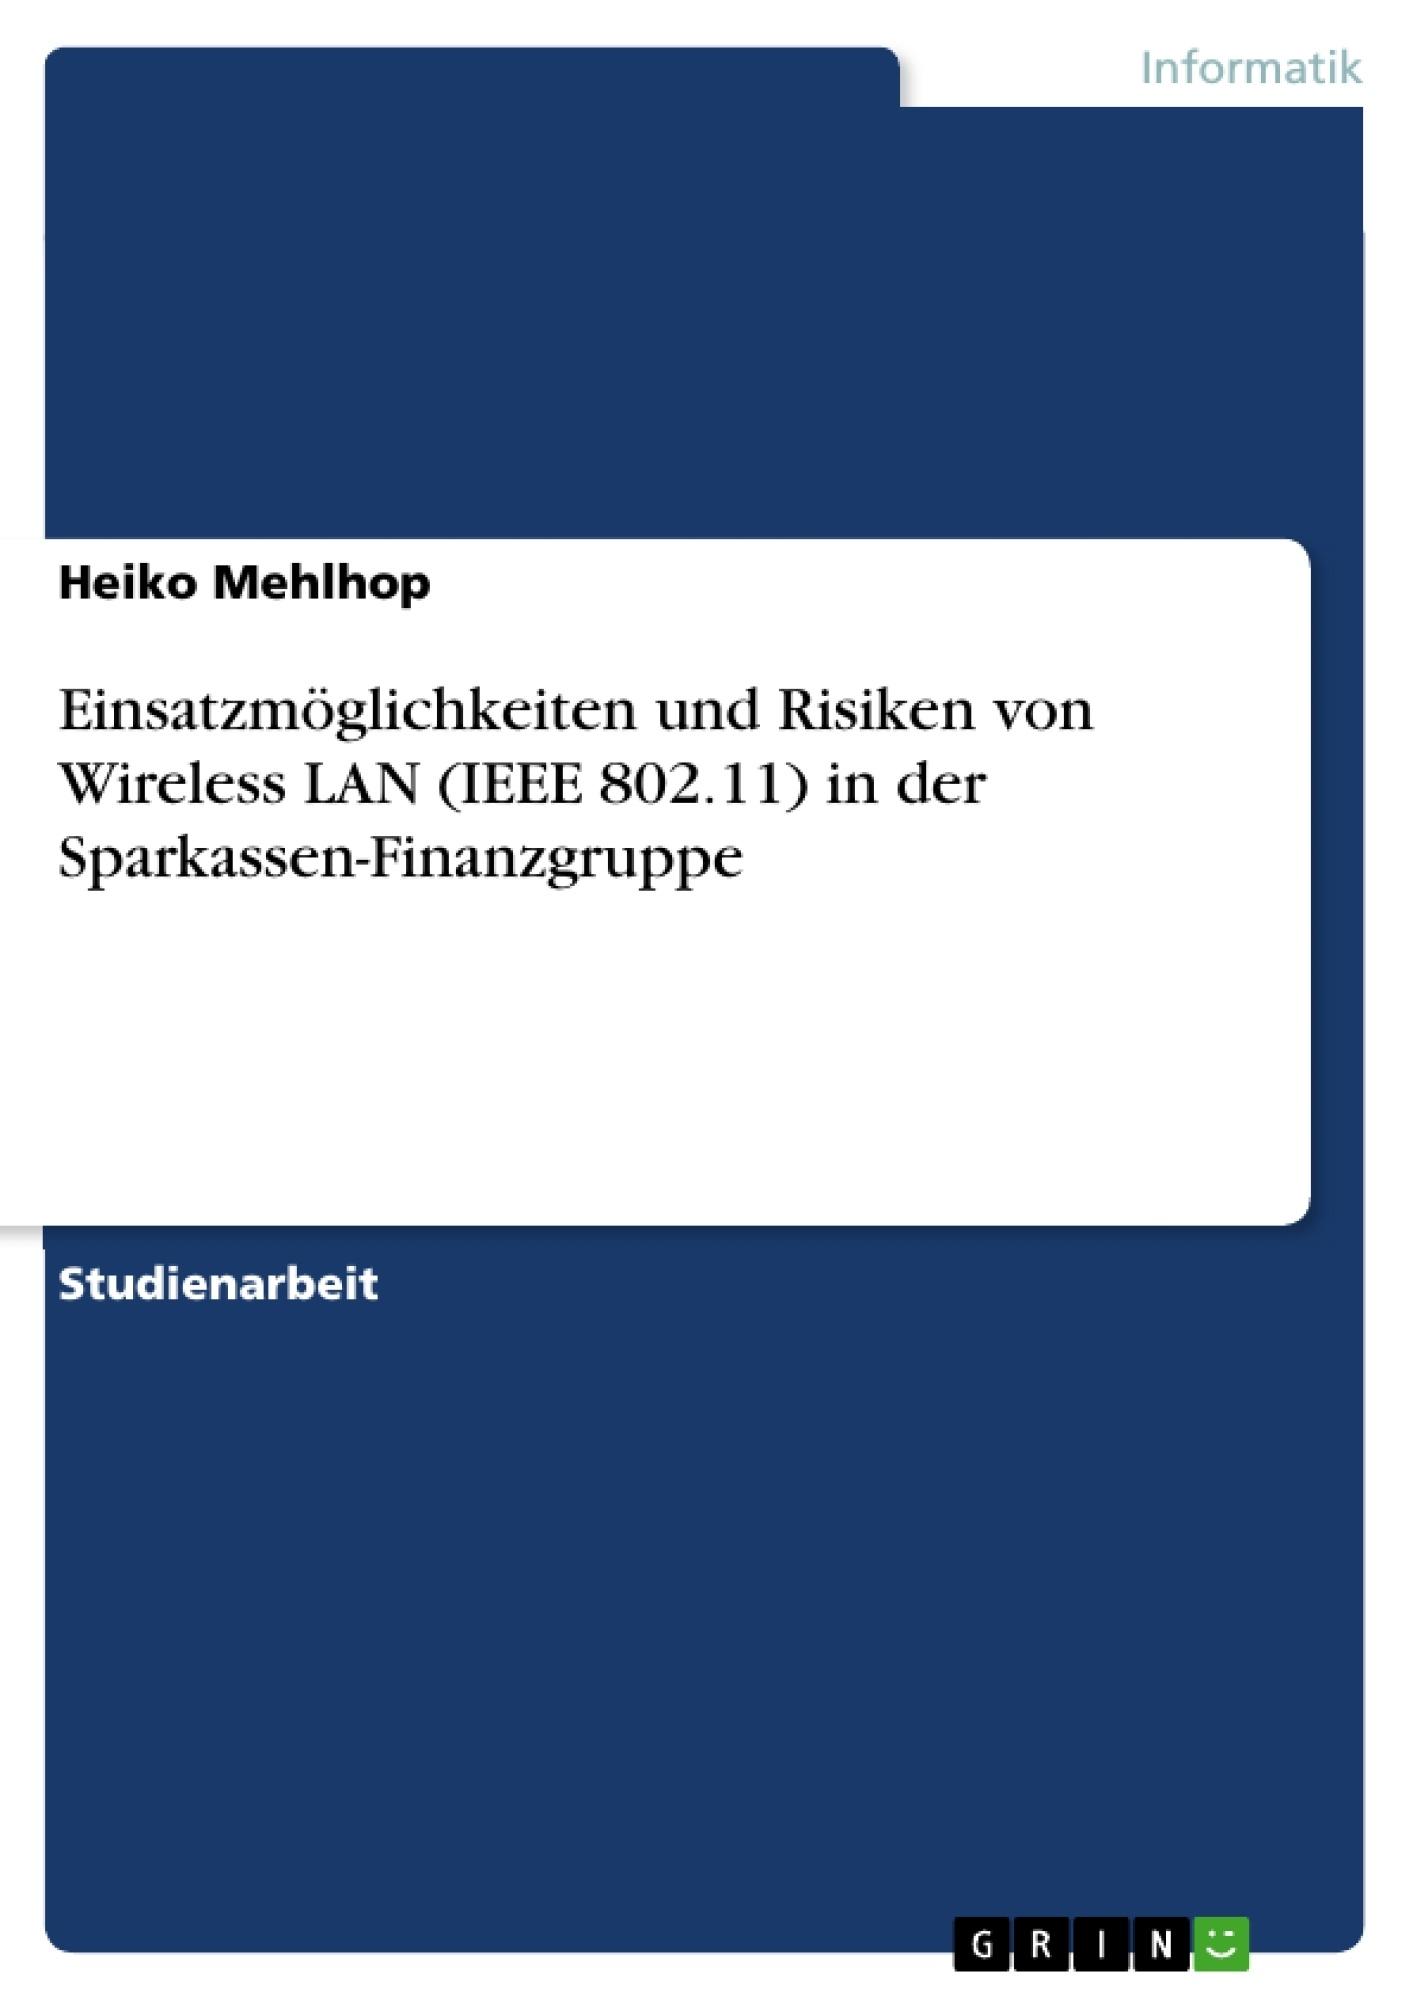 Titel: Einsatzmöglichkeiten und Risiken von Wireless LAN (IEEE 802.11) in der Sparkassen-Finanzgruppe